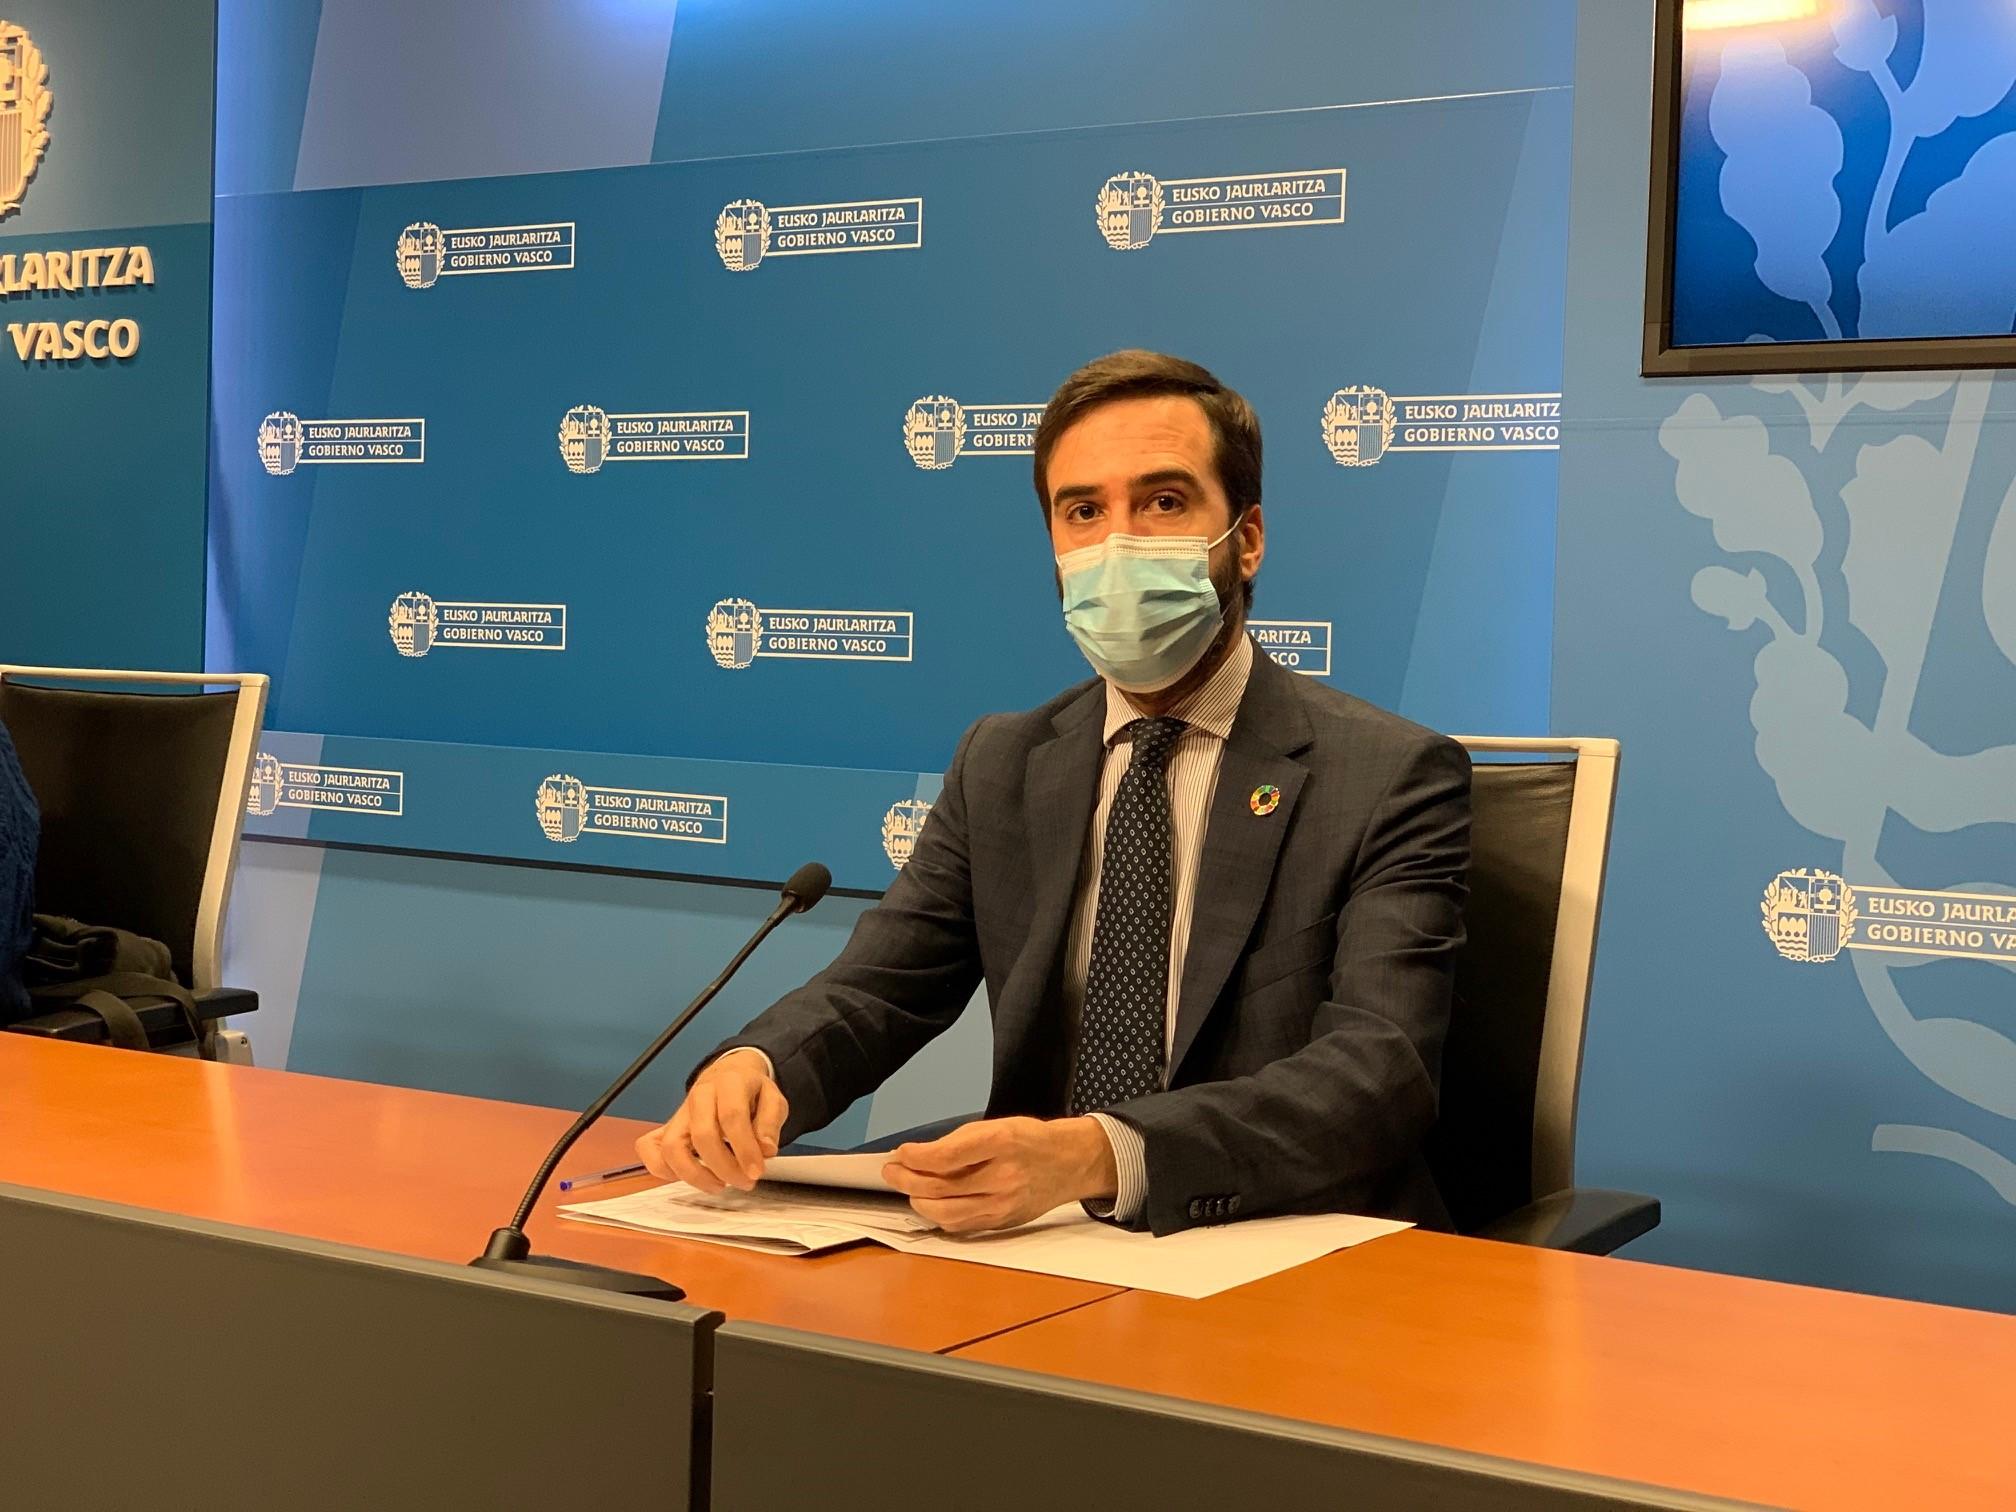 Kontsumobide realizará una nueva campaña de inspección de mascarillas con carácter sancionador [15:43]